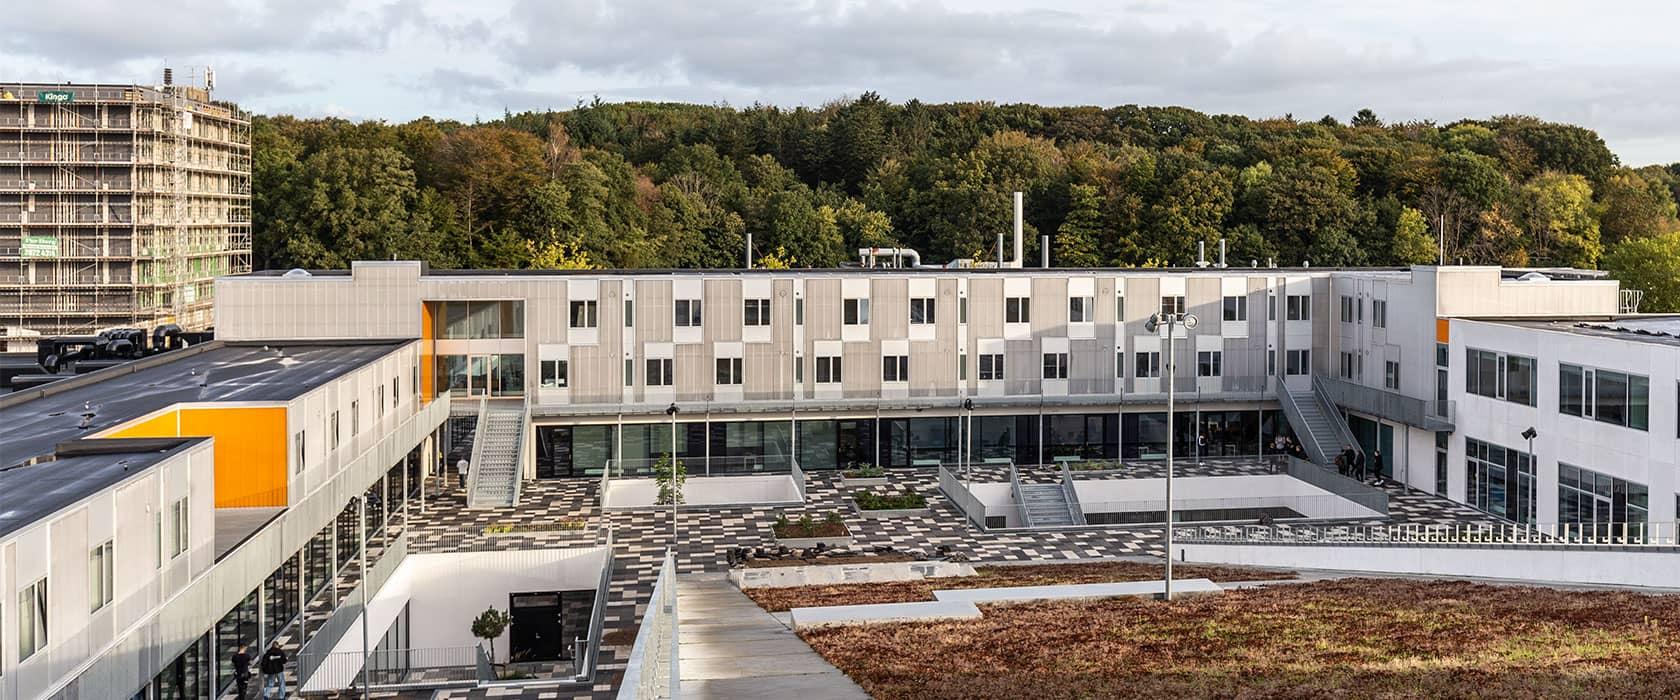 Indergården på College360